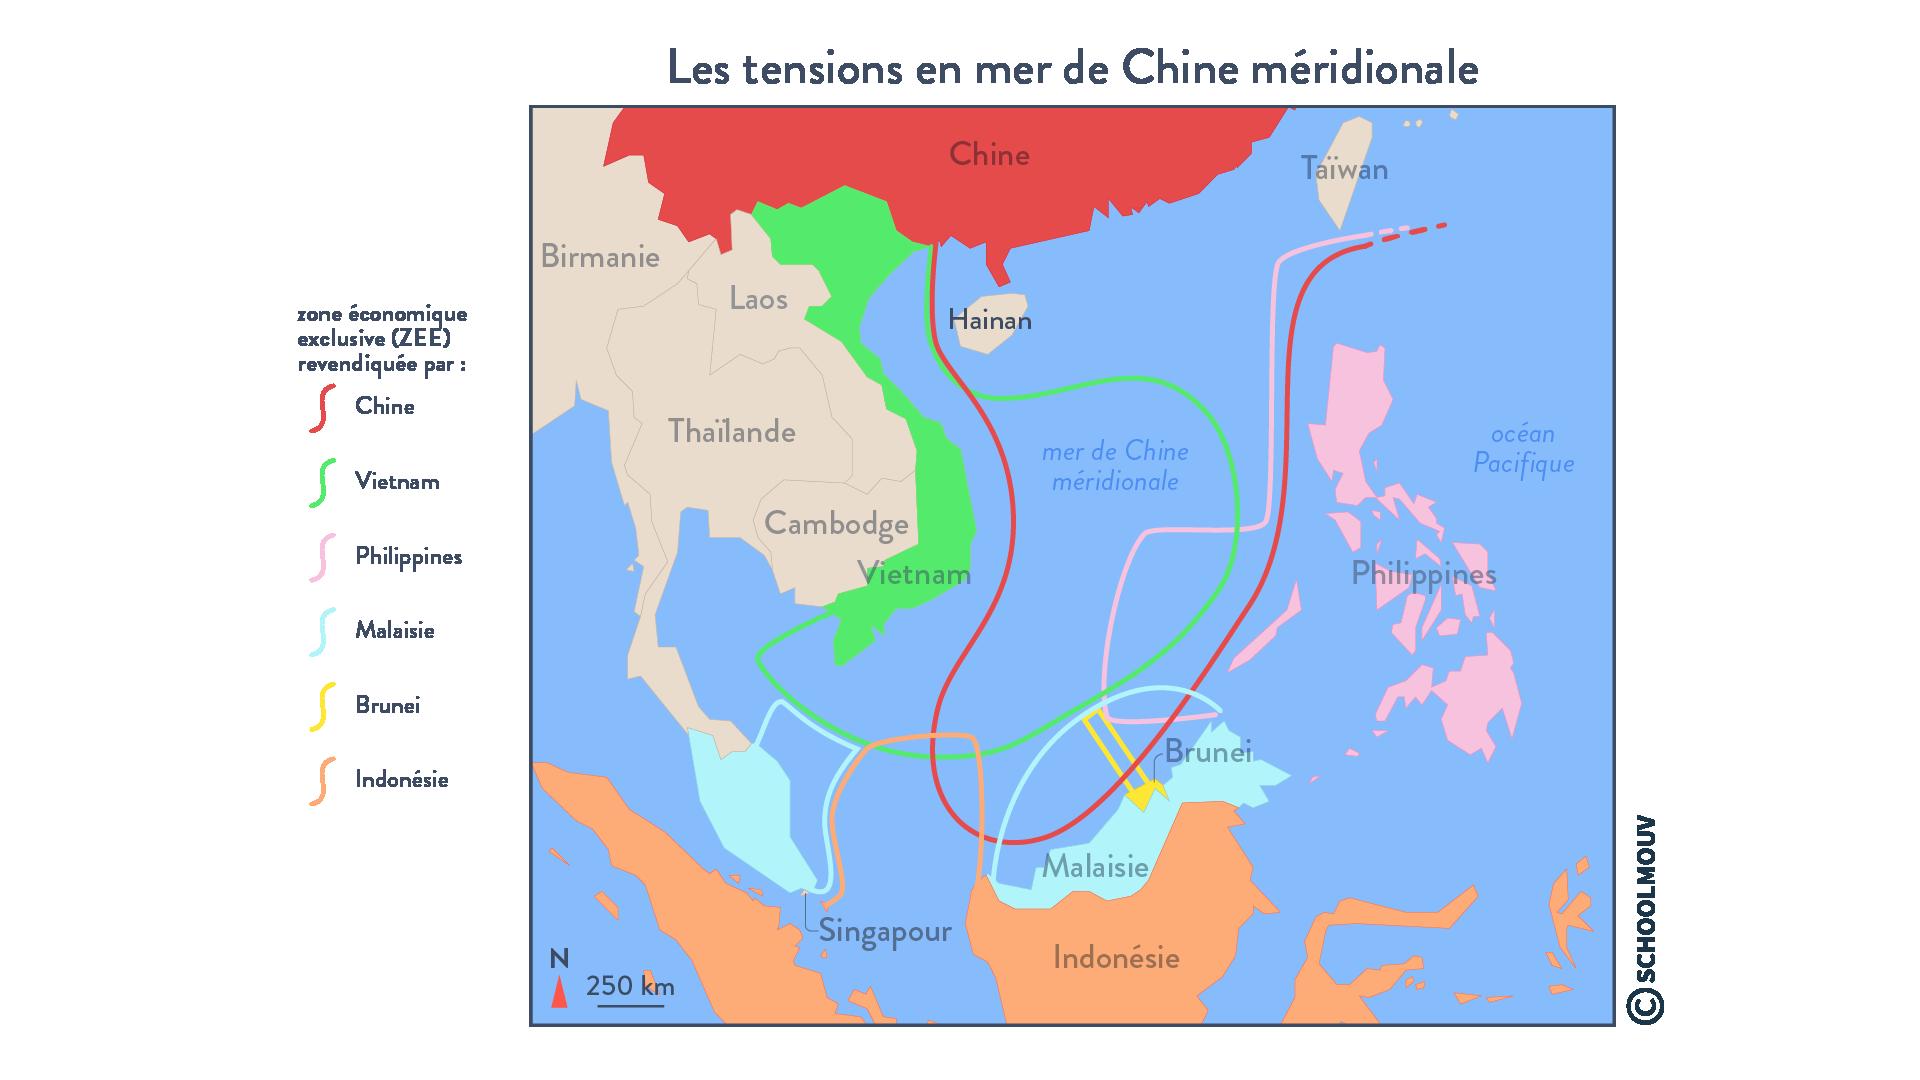 Les tensions en mer de Chine méridionale - géographie - terminale - SchoolMouv